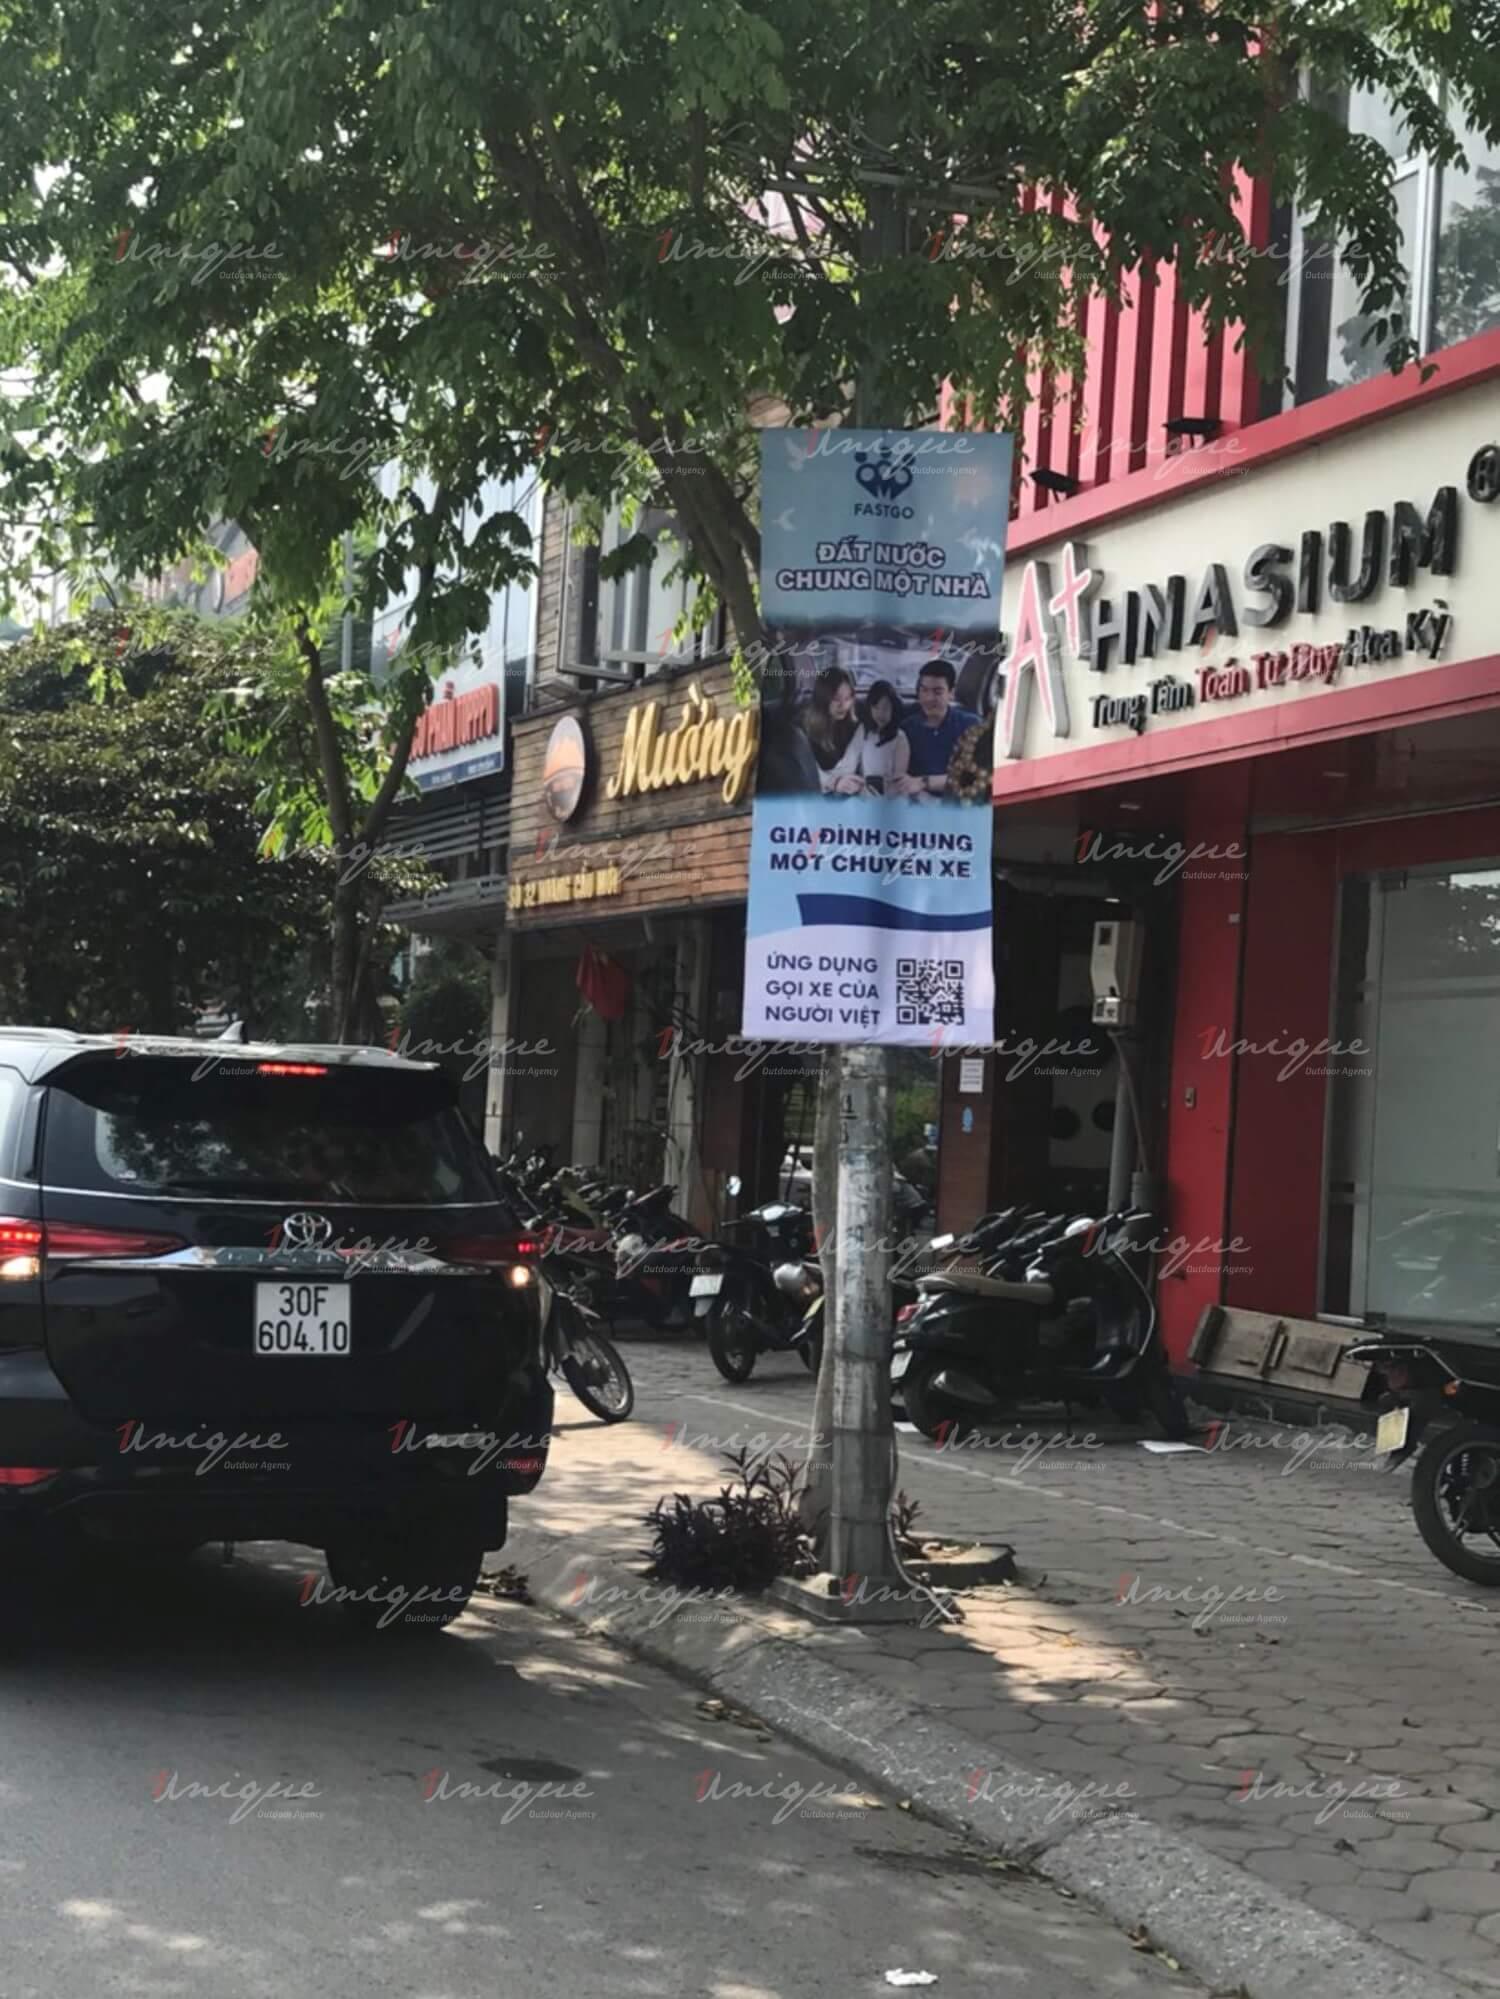 Chiến dịch quảng cáo Banner của FastGo